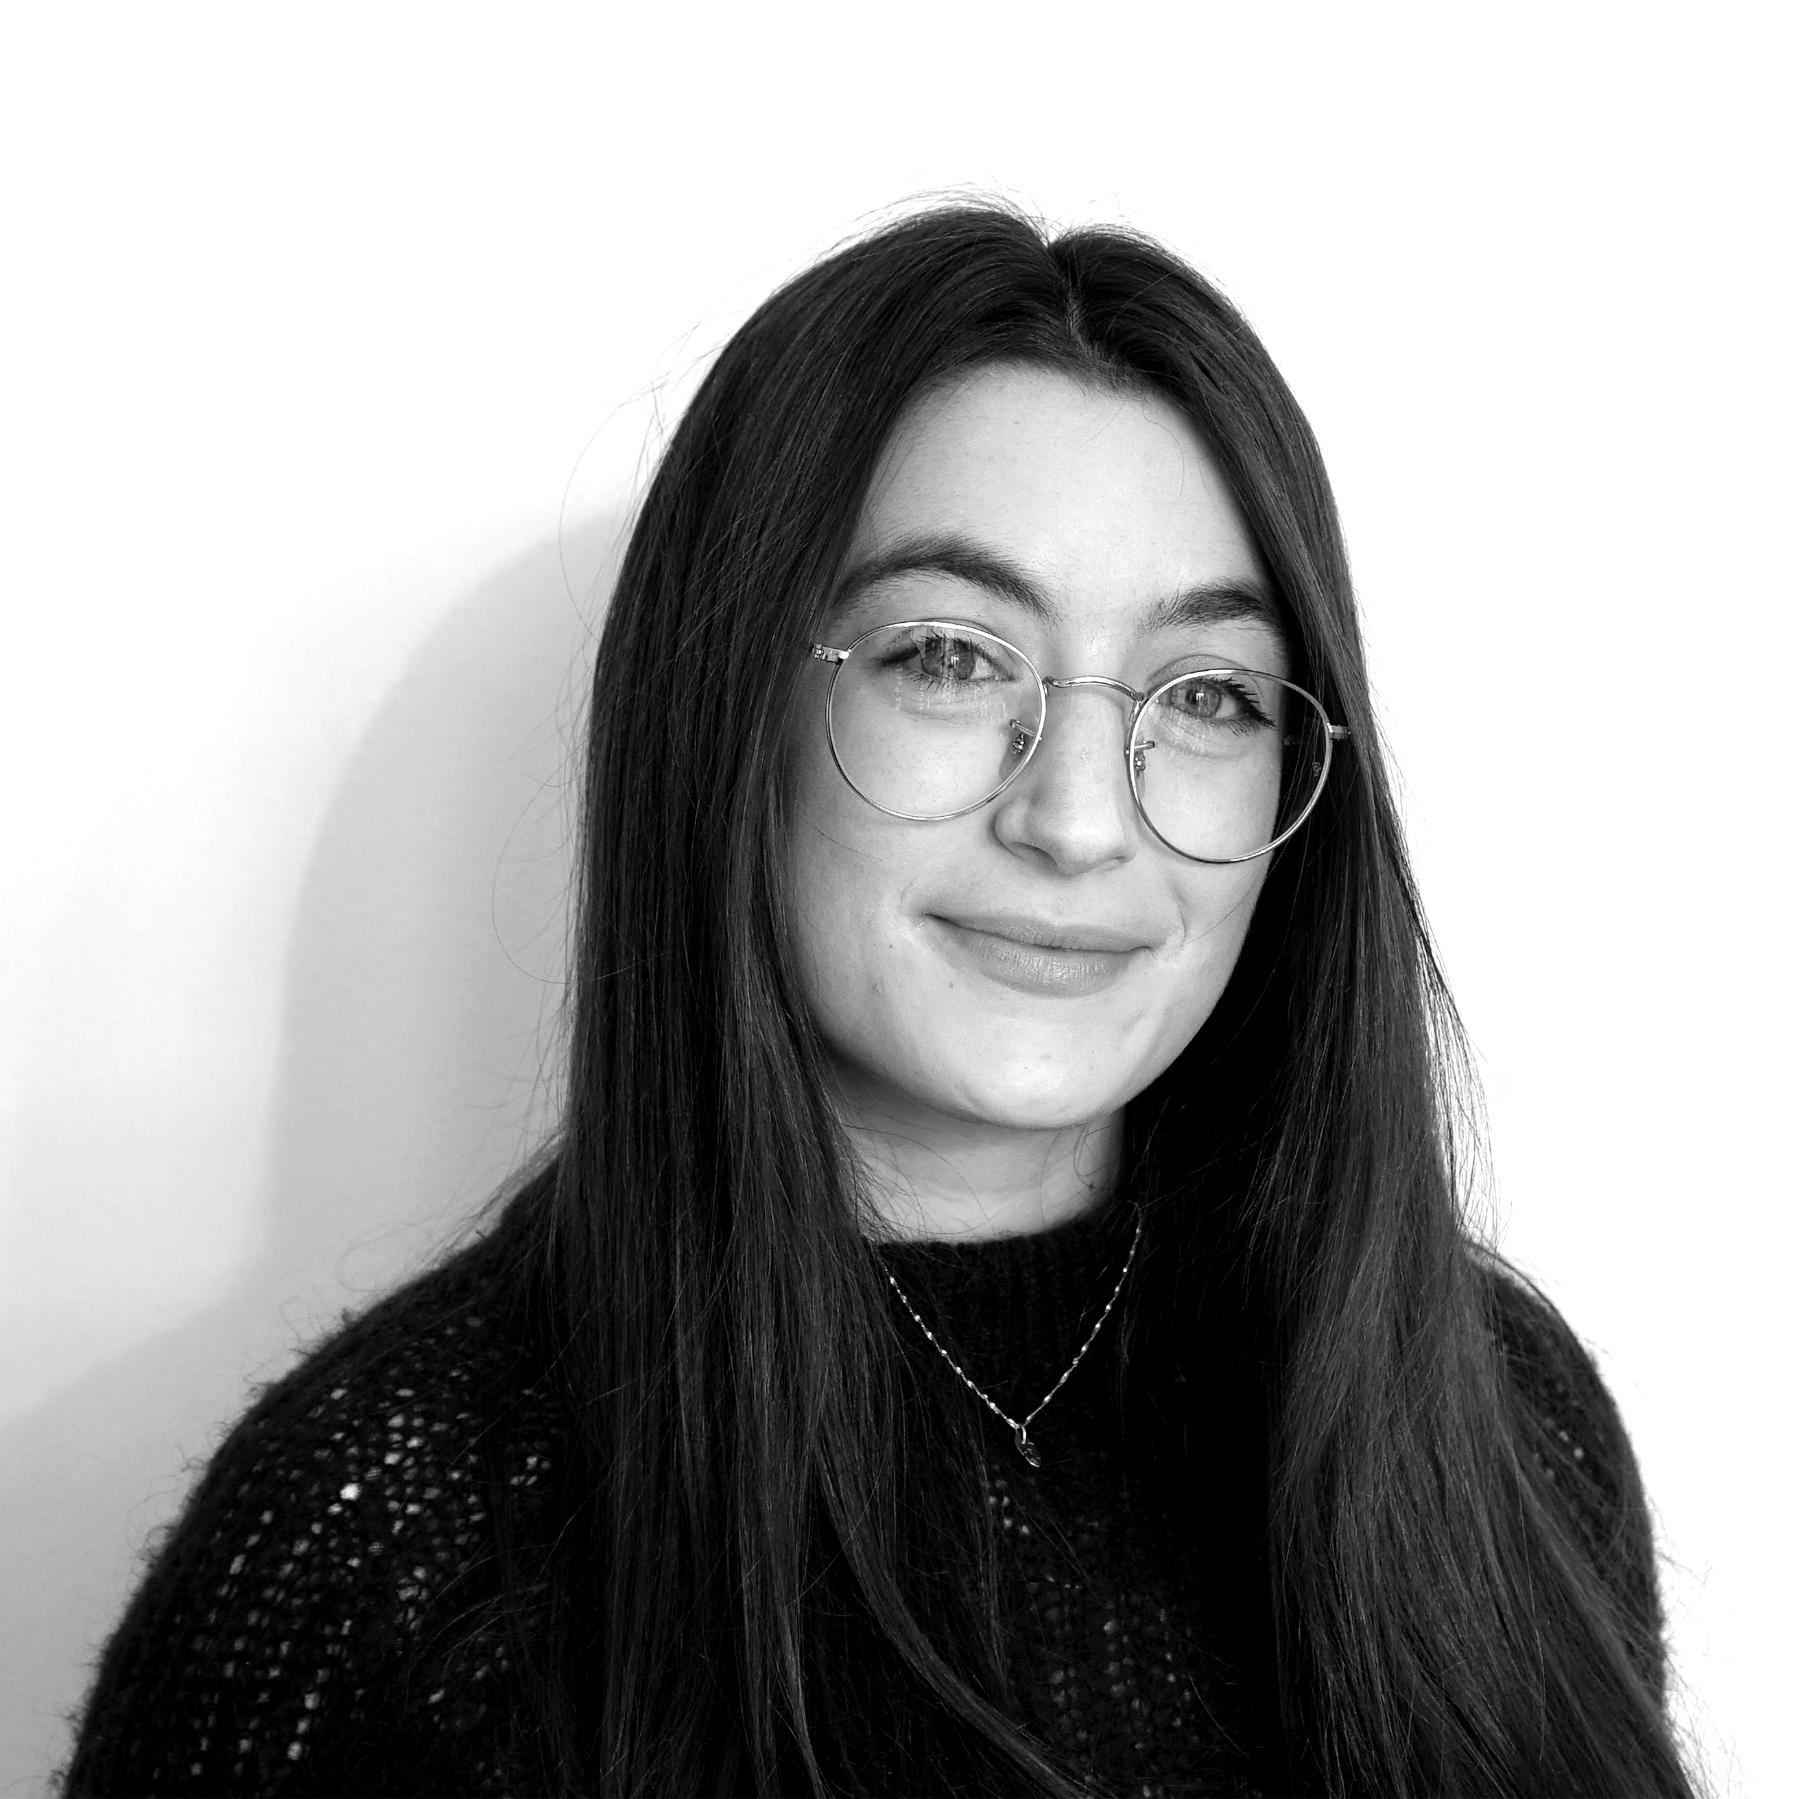 Giorgia Tronconi